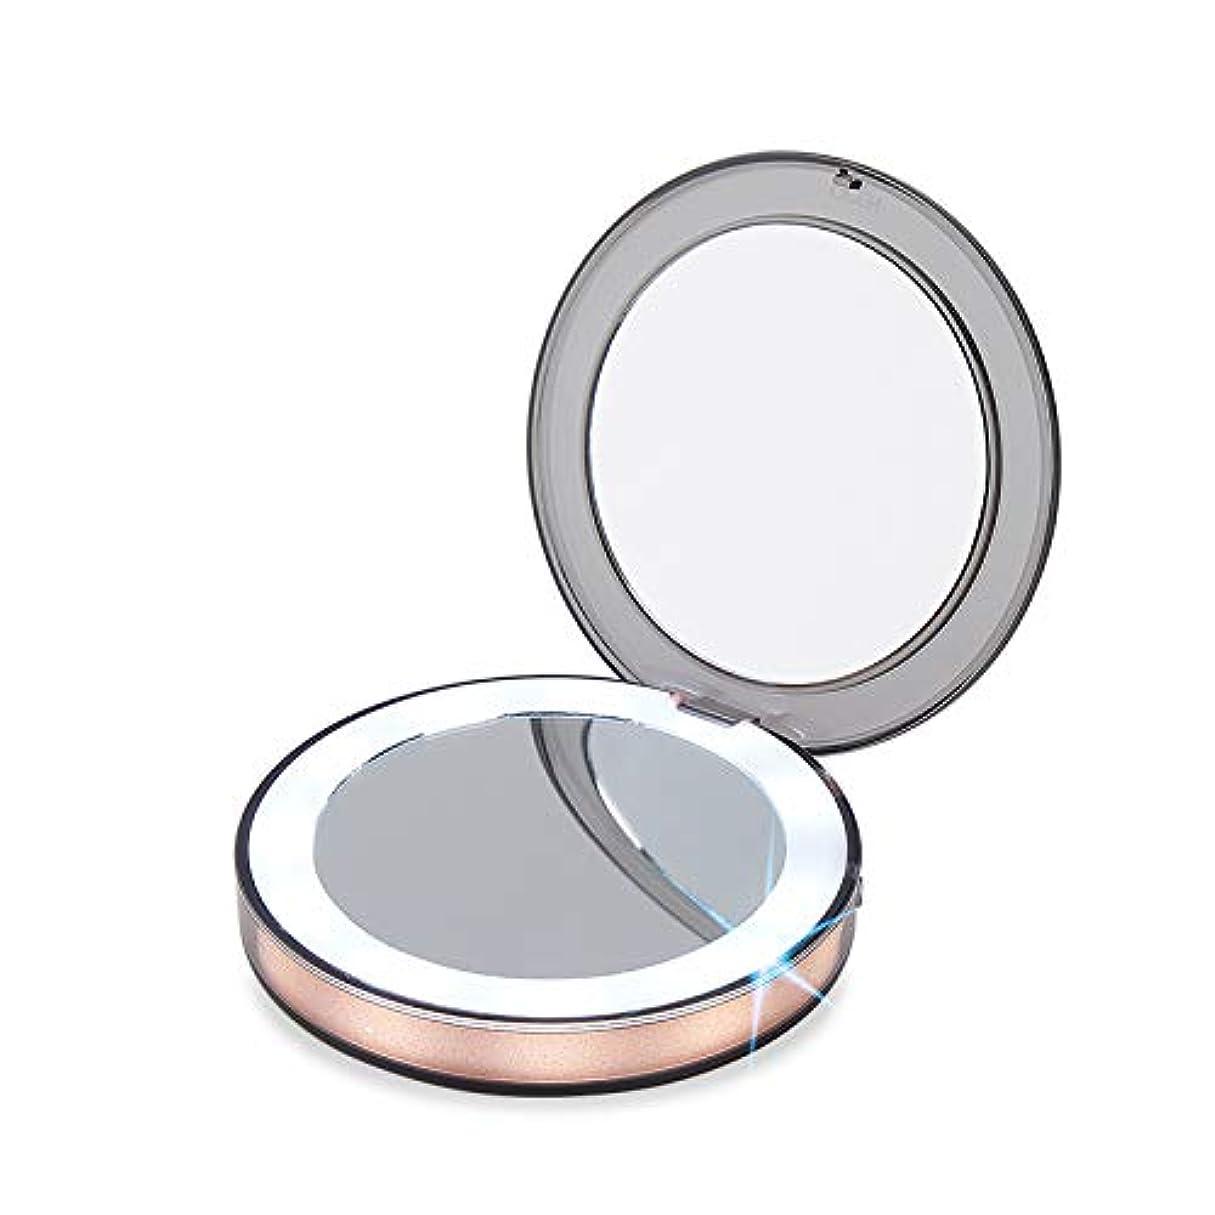 太鼓腹ナイトスポットレキシコンGINEAN 照明を有する旅行装飾鏡のタッチスイッチ装飾鏡の 1 倍/3 倍ルーペの手持ち式折り畳み式コンパクトミラー LED ライト化粧品用キャンプ個人の用途と旅行